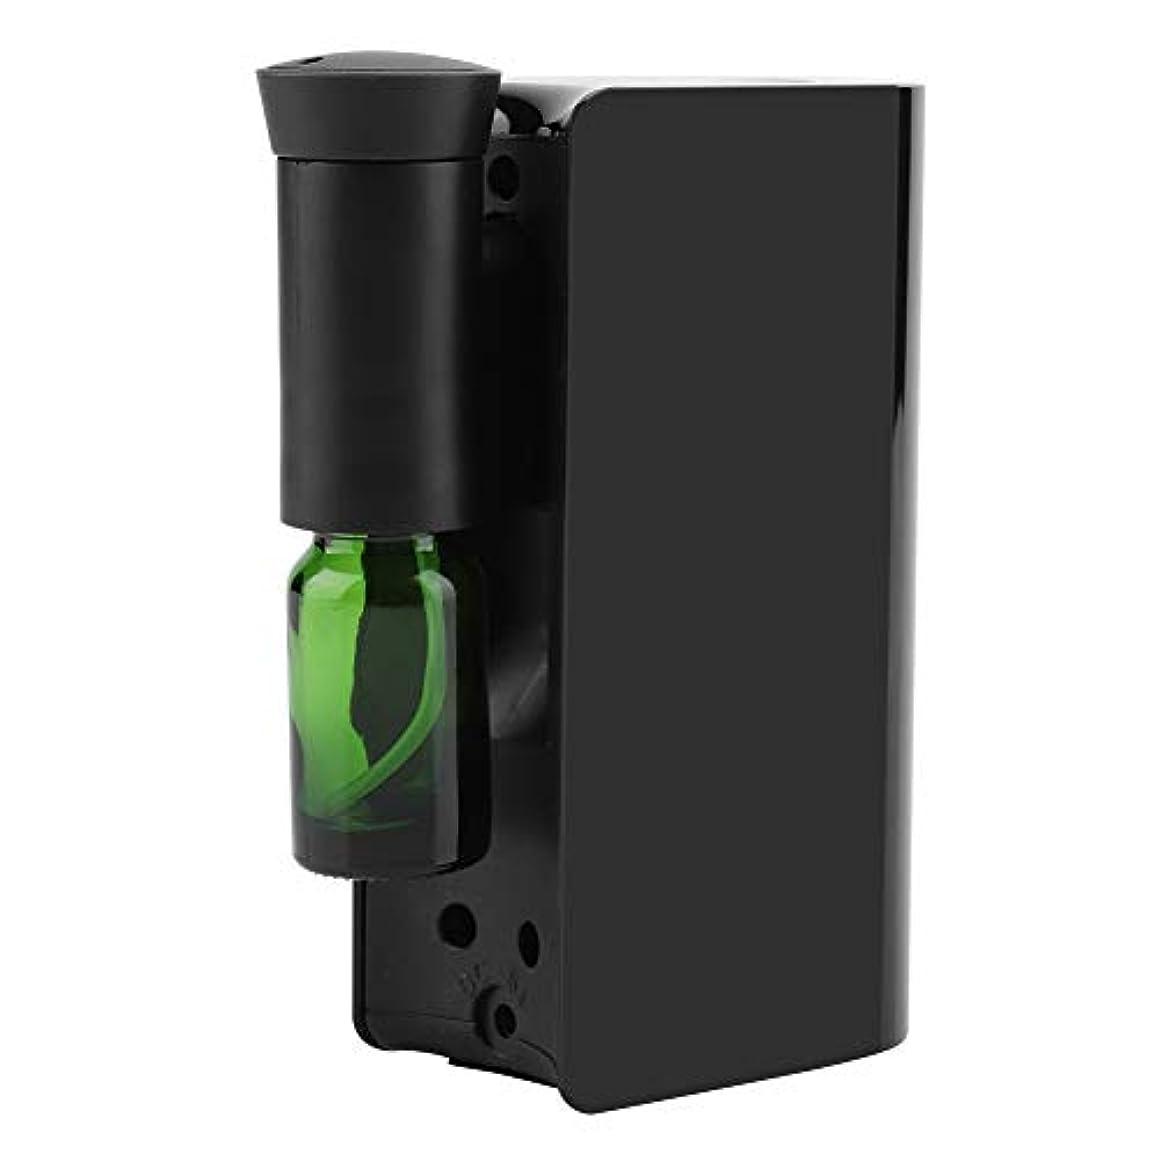 エッセンシャルオイルディフューザー、100ml USB充電式クールミスト加湿器アロマオイル加湿器気化器アロマディフューザー(ブラック)